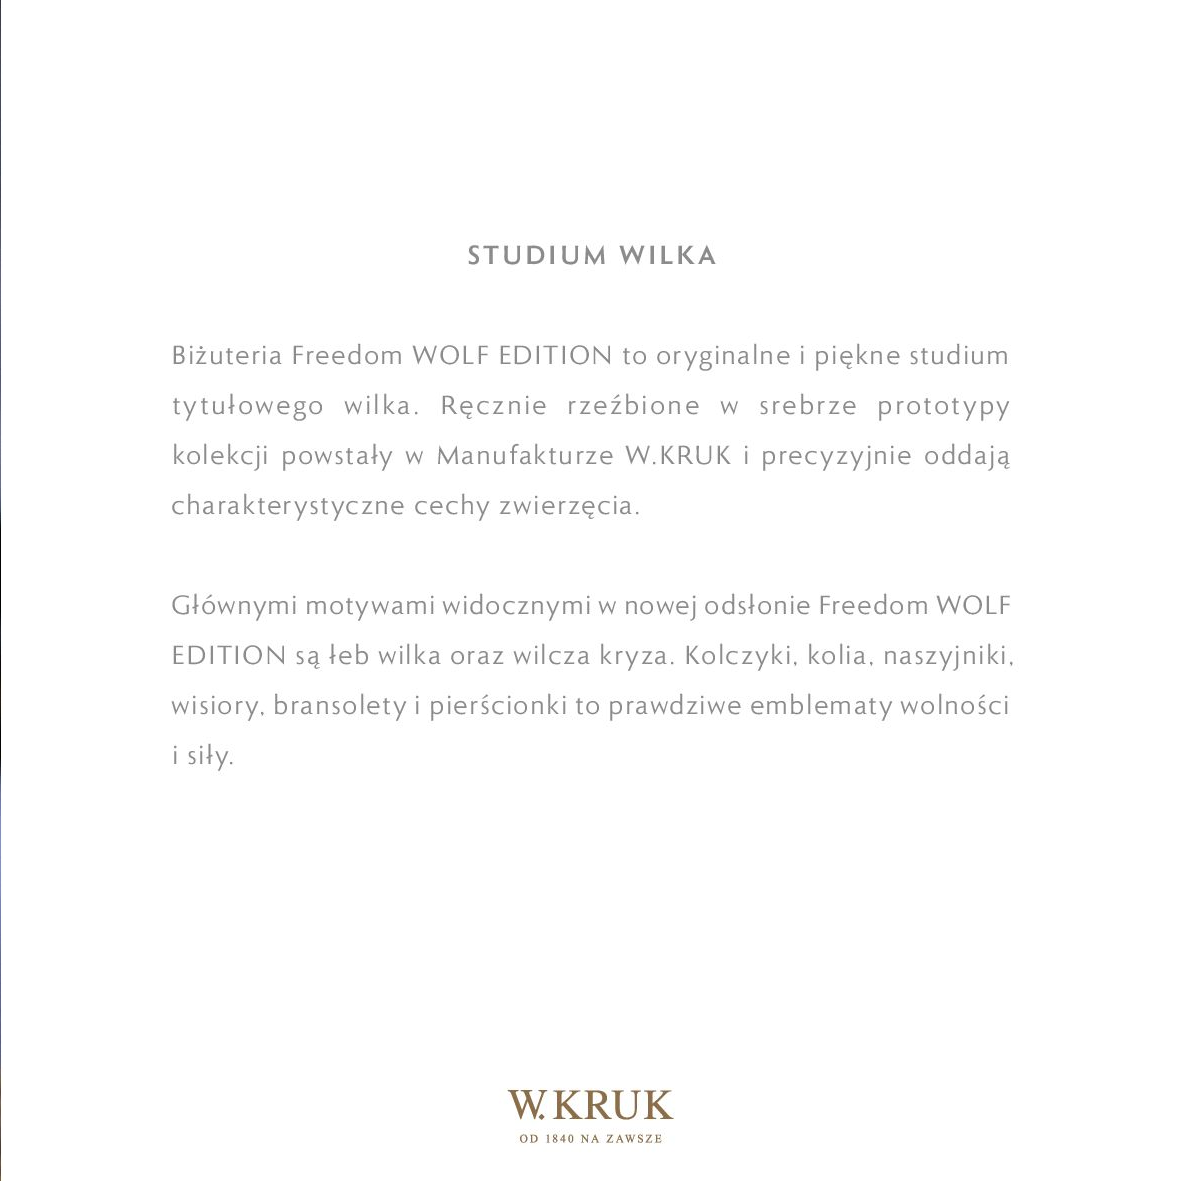 Gazetka W. KRUK: Katalog - Freedom Wolf 2021-02-17 page-31